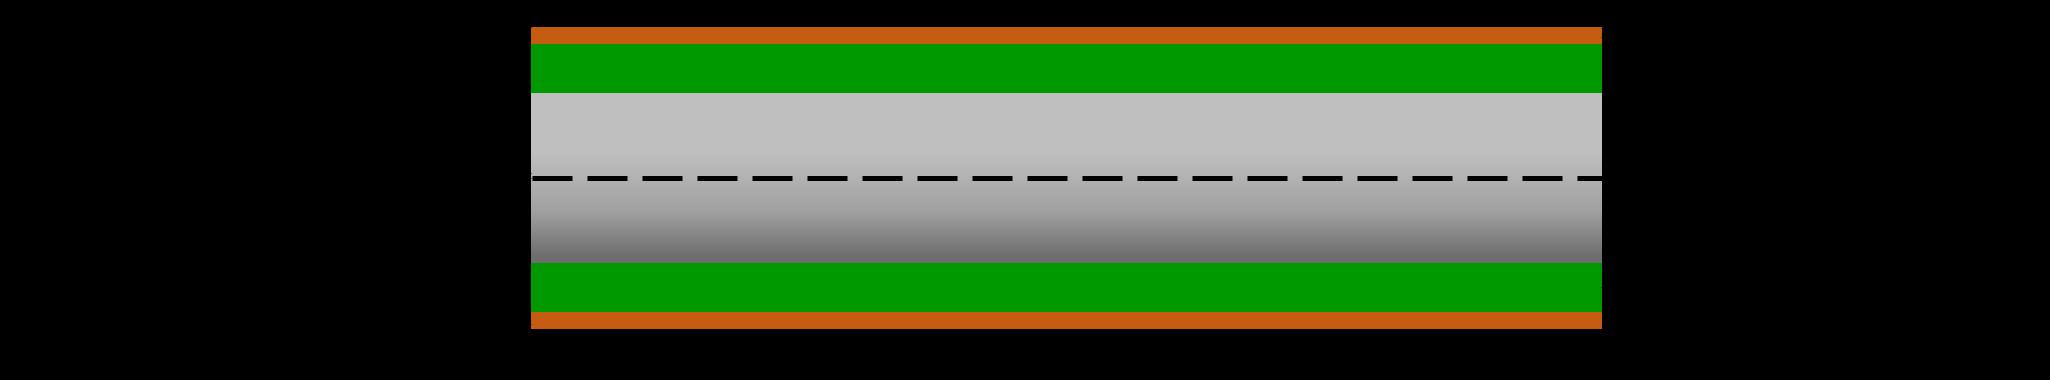 Metal Core PCB stackup